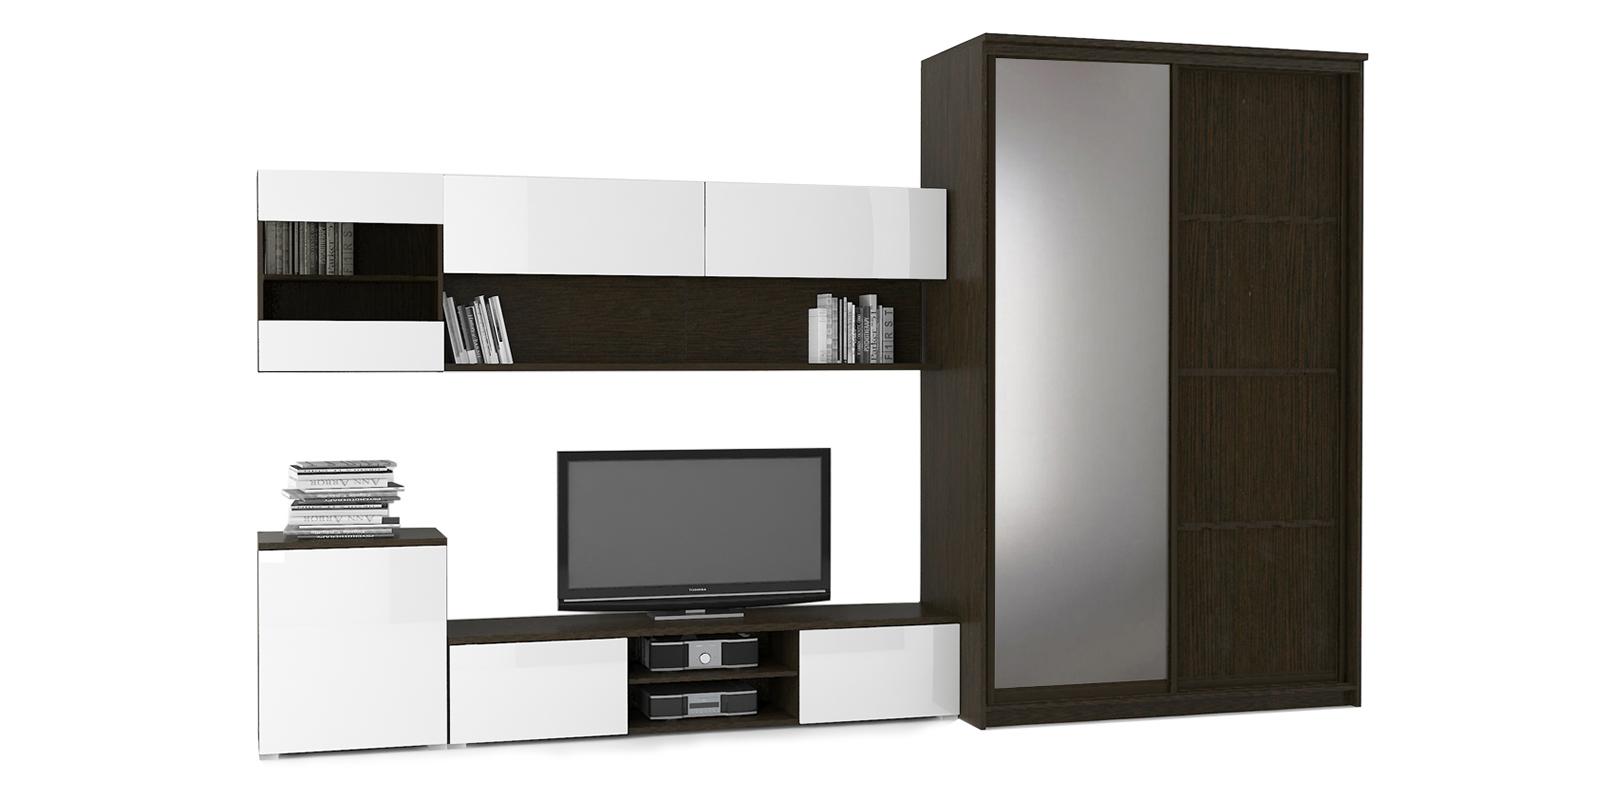 Модульная система Верона вариант №6 (венге/белый глянец) от HomeMe.ru